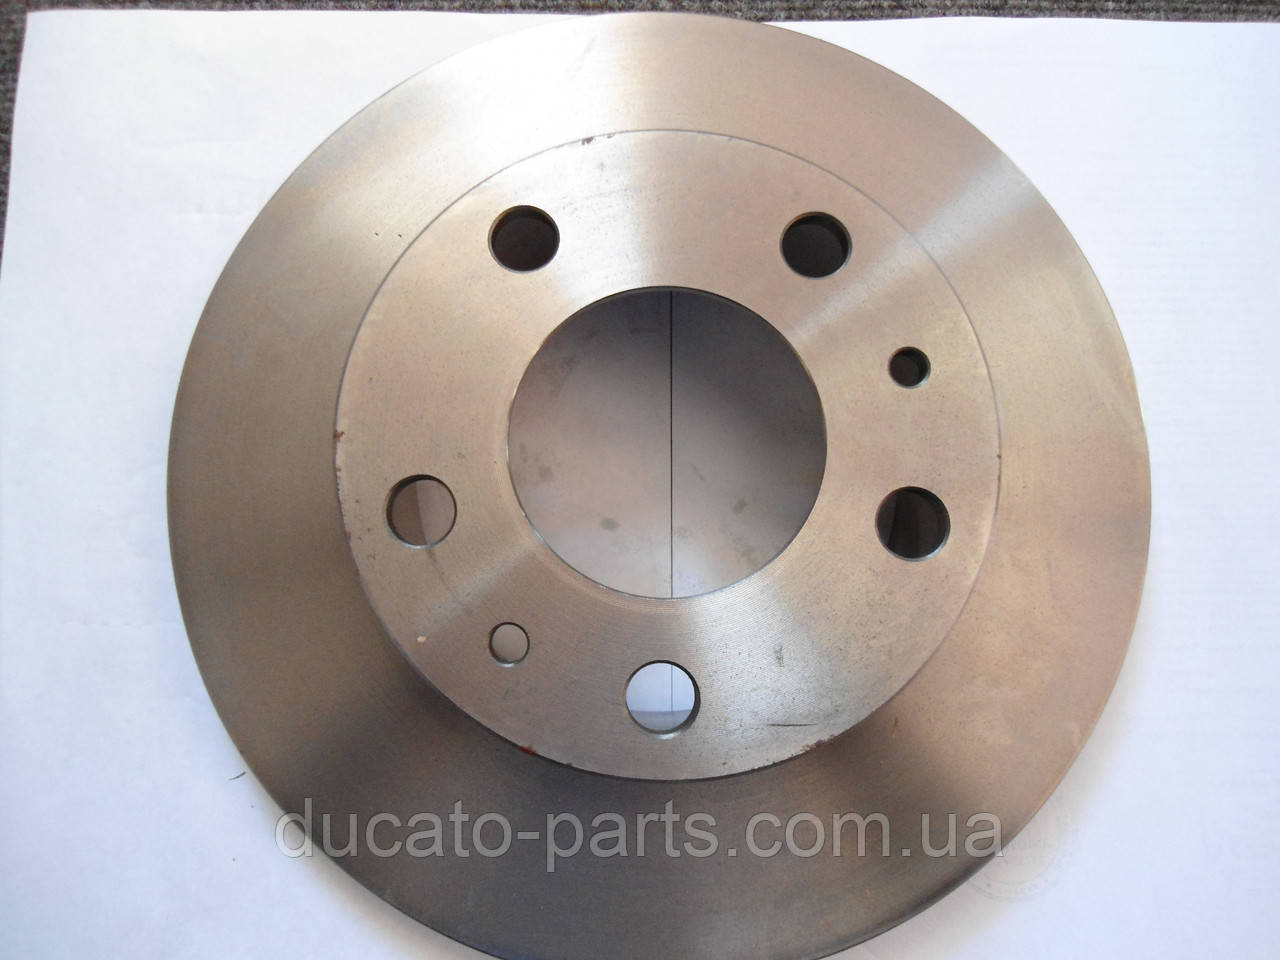 тормозные диски fiat ducato 280